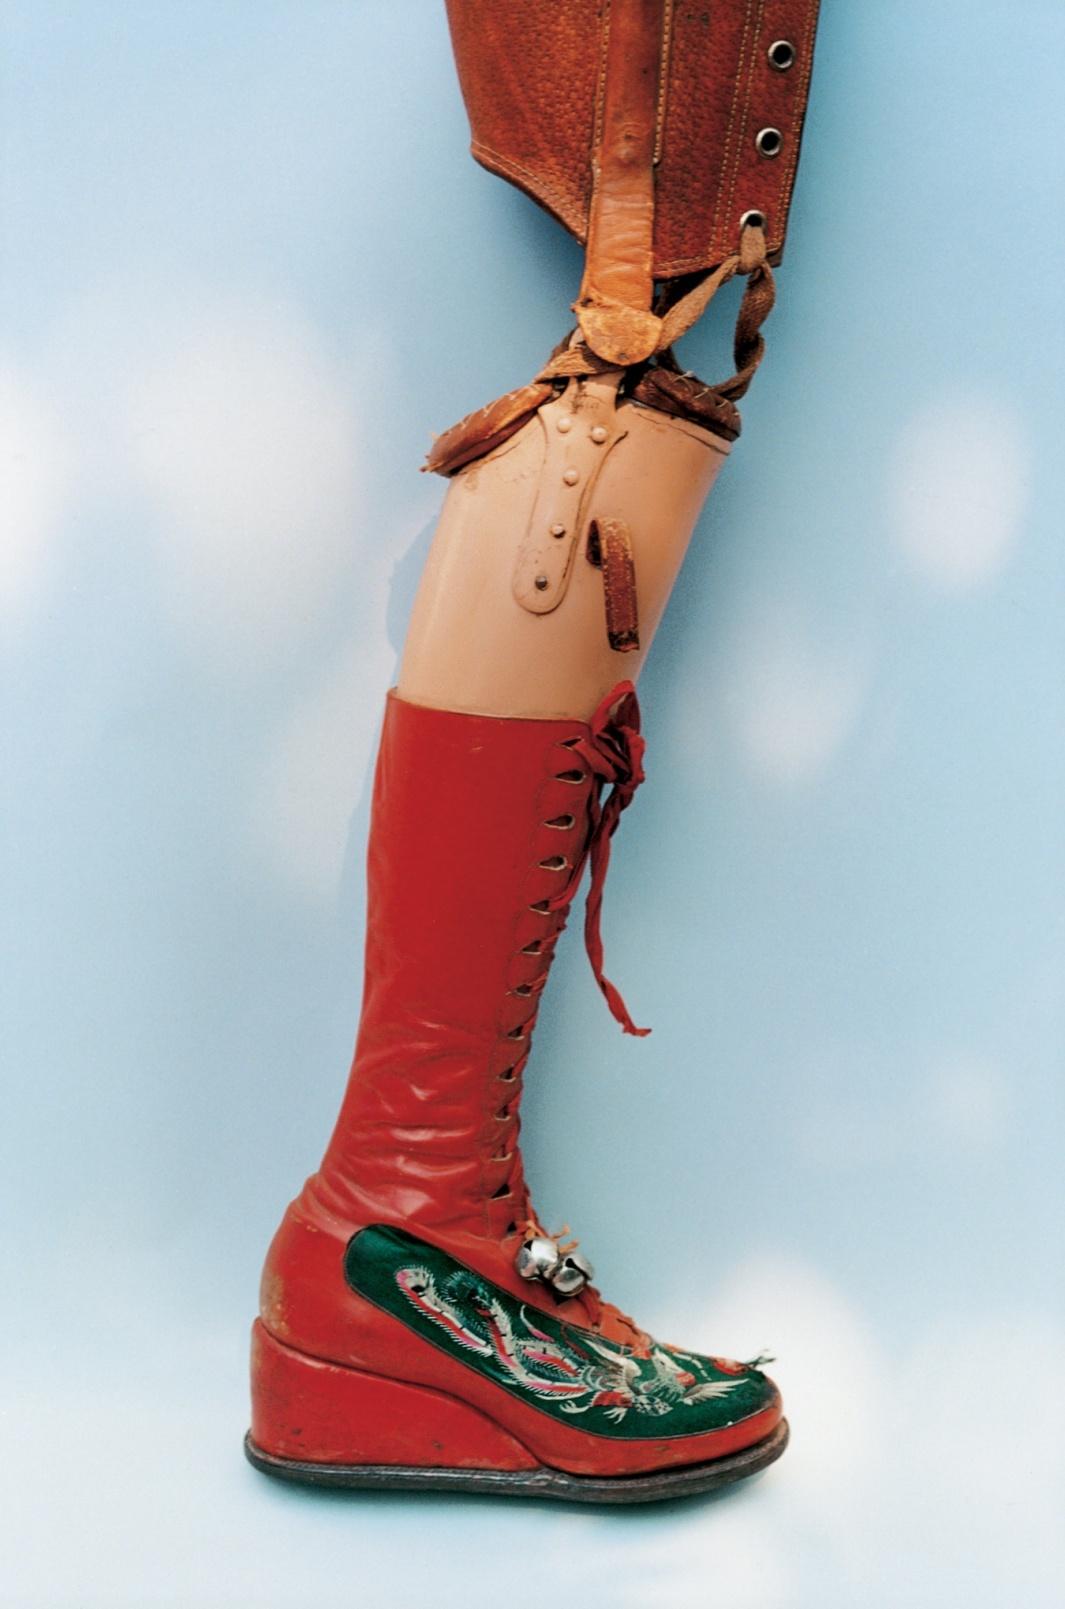 В 1953 году Кало ампутировали ногу. Дизайн протеза она придумала сама, как и красный шнурованный ботинок с бубенчиком